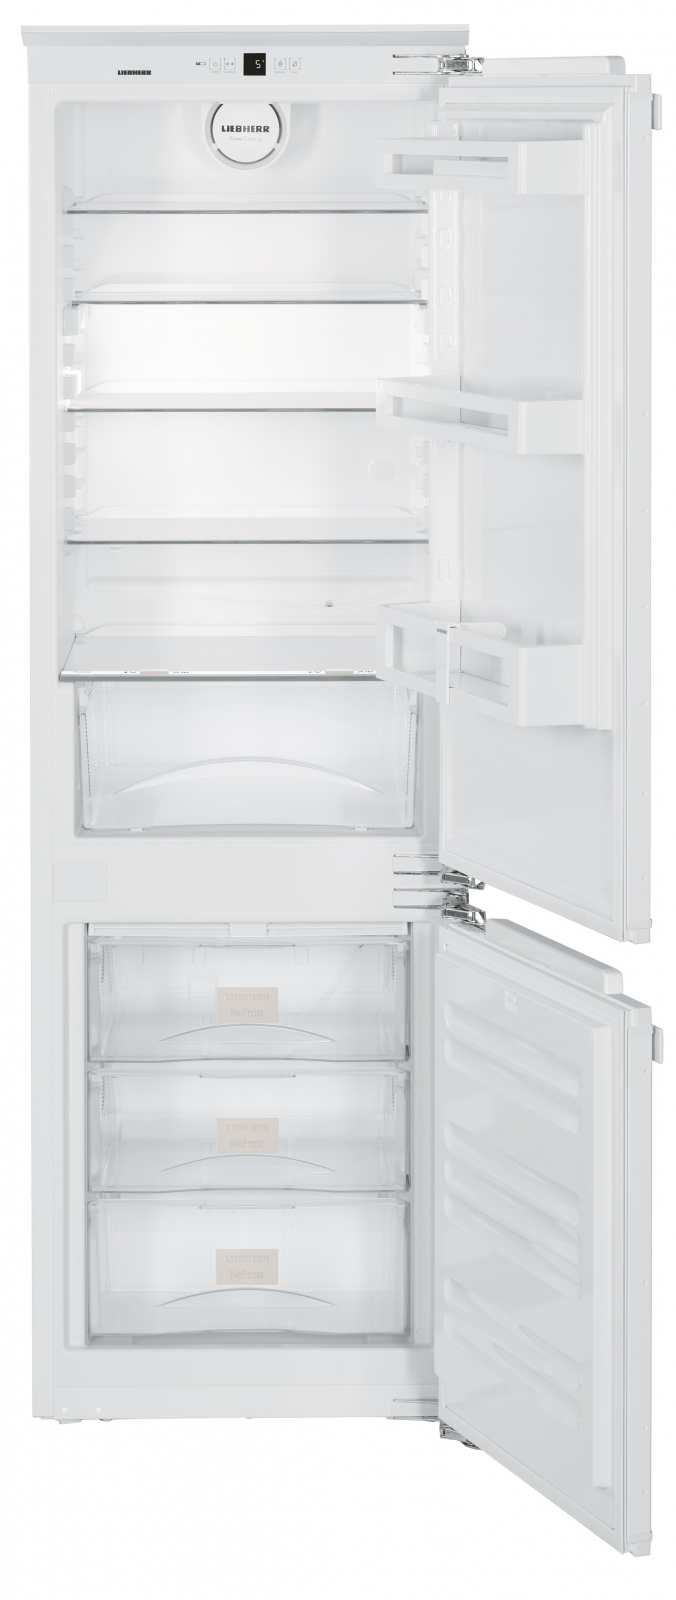 купить Встраиваемый двухкамерный холодильник Liebherr ICUN 3324 Украина фото 2